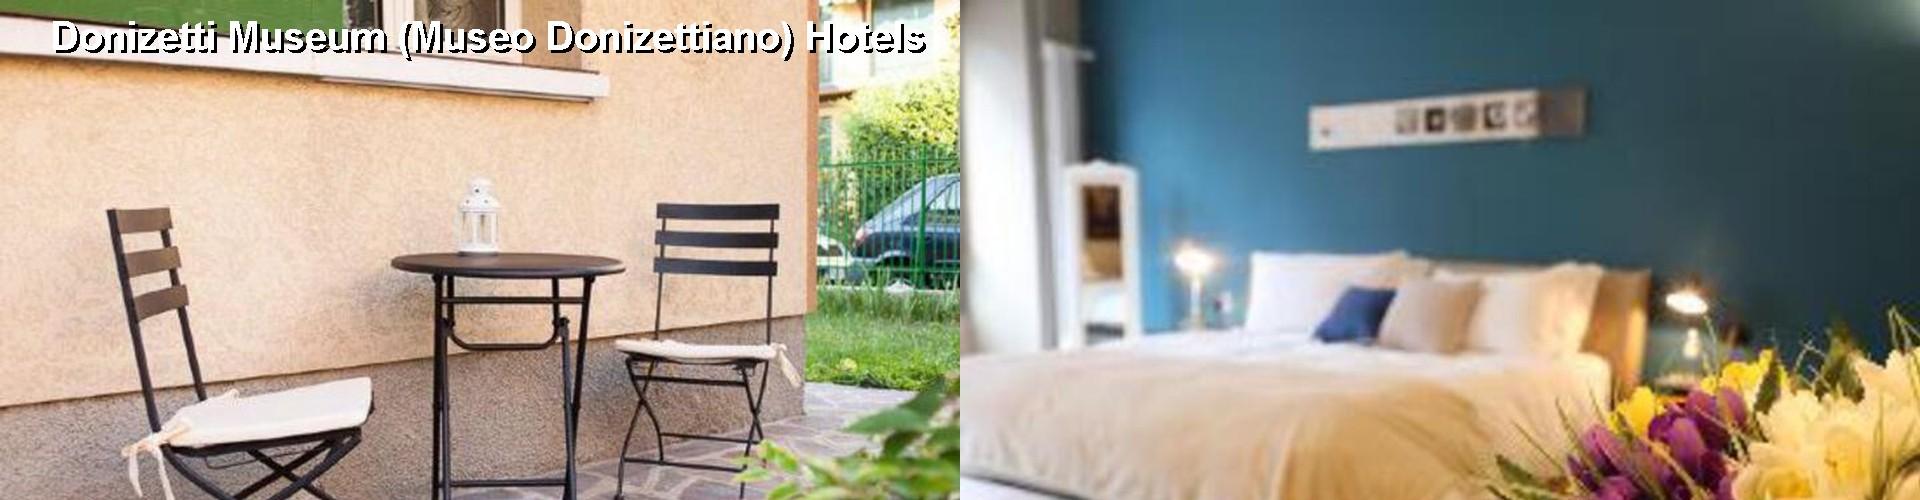 hotels near donizetti museum museo donizettiano in bergamo